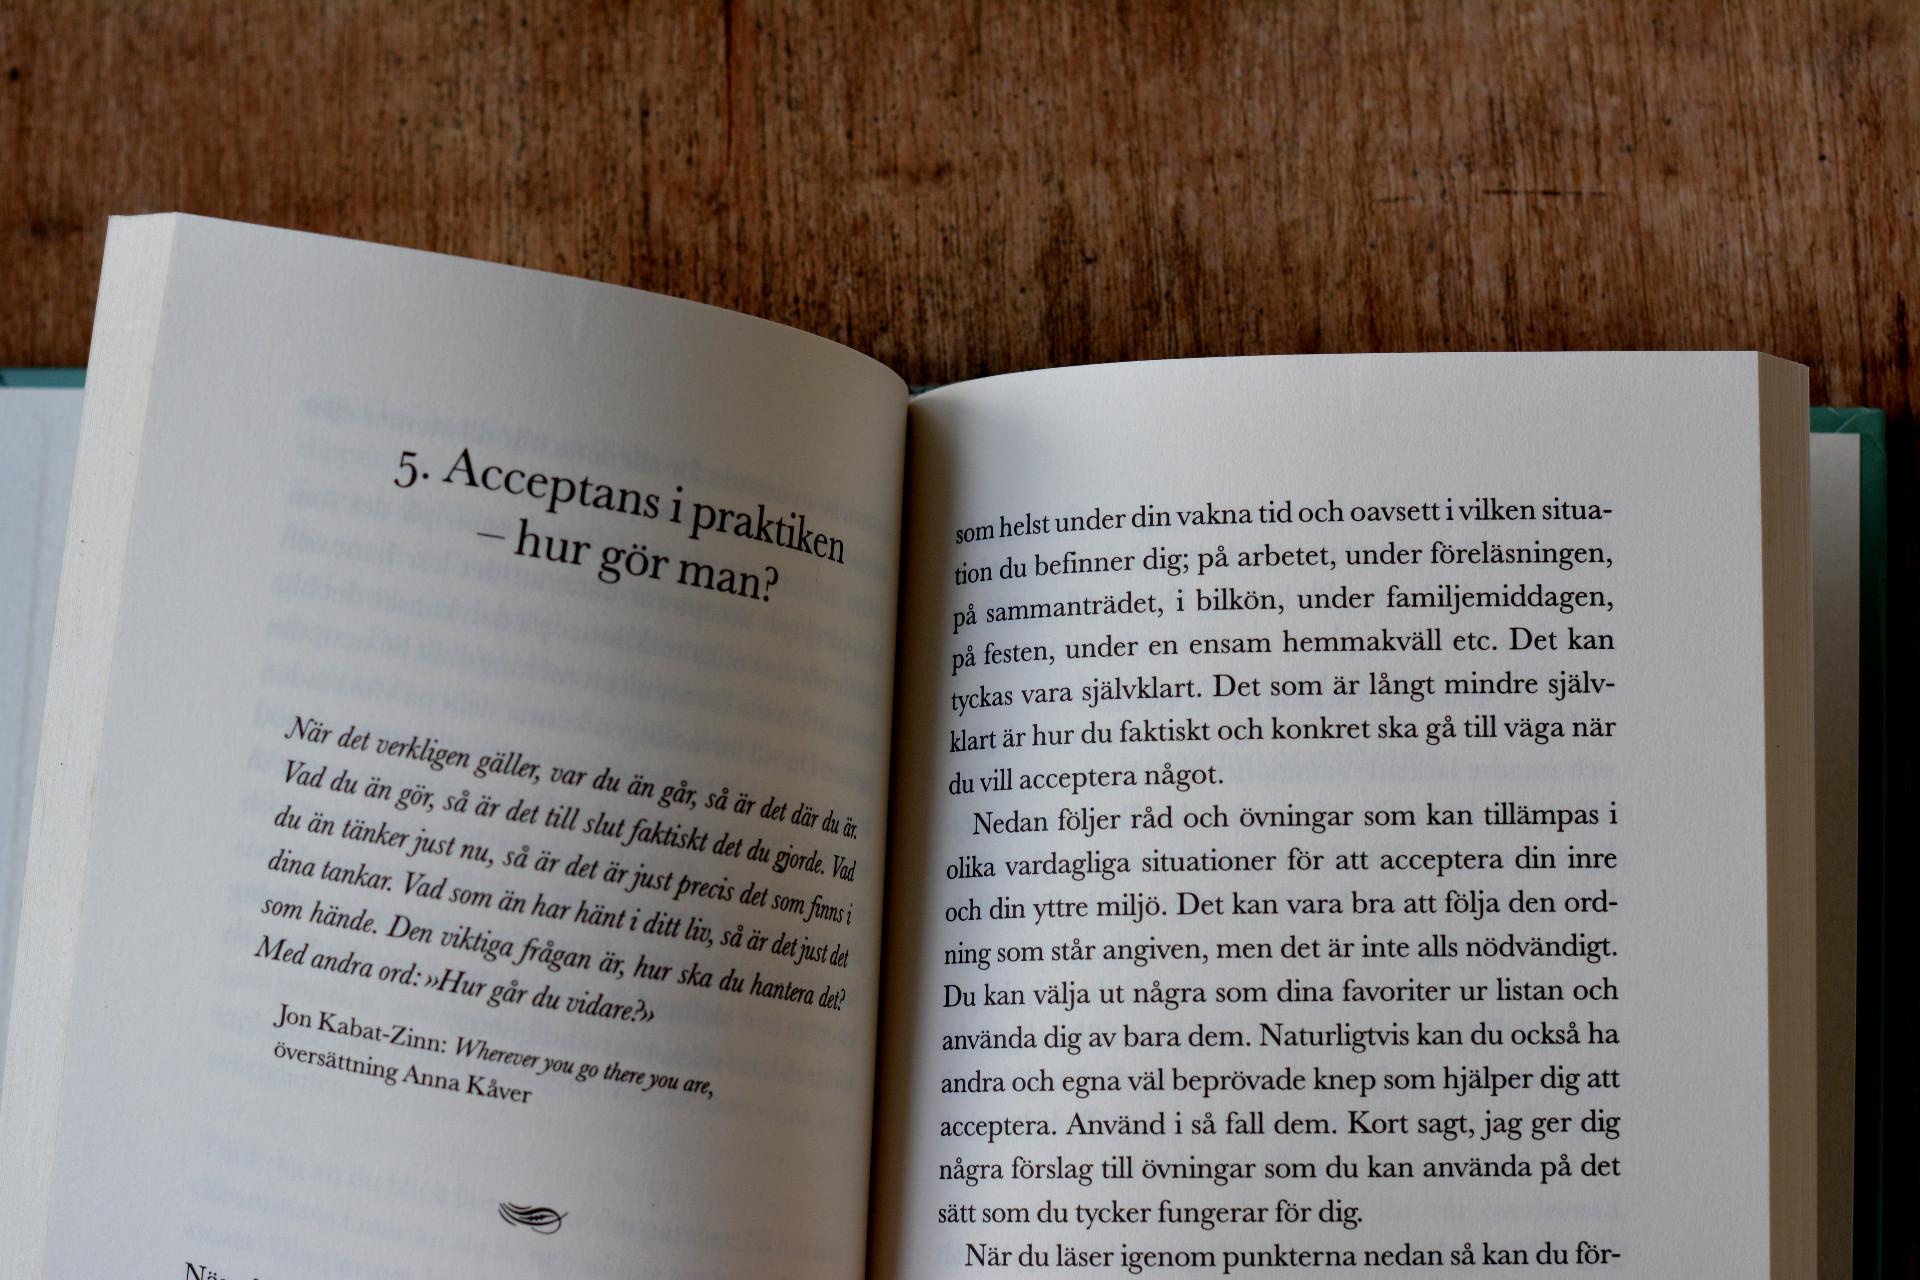 Att leva ett liv, inte vinna ett krig av Anna Kåver